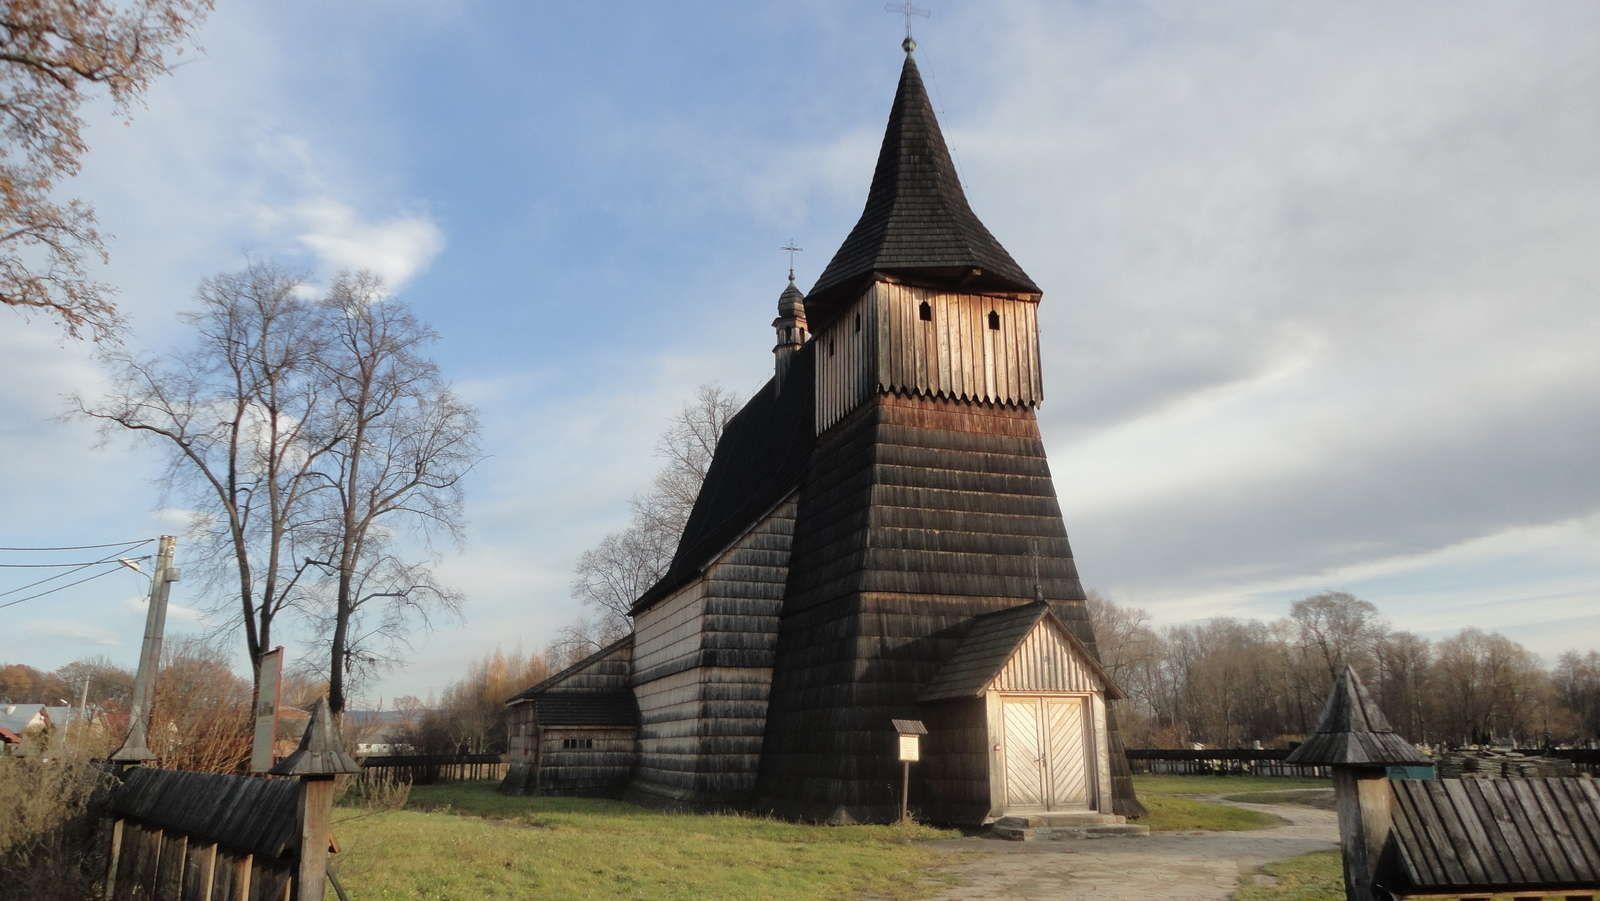 Zdjęcia drewnianych cerkwi i kościołów w Beskidzie | Wczasy pod gruszą http://www.domkiwbeskidach.pl/noclegi-jaslo.html